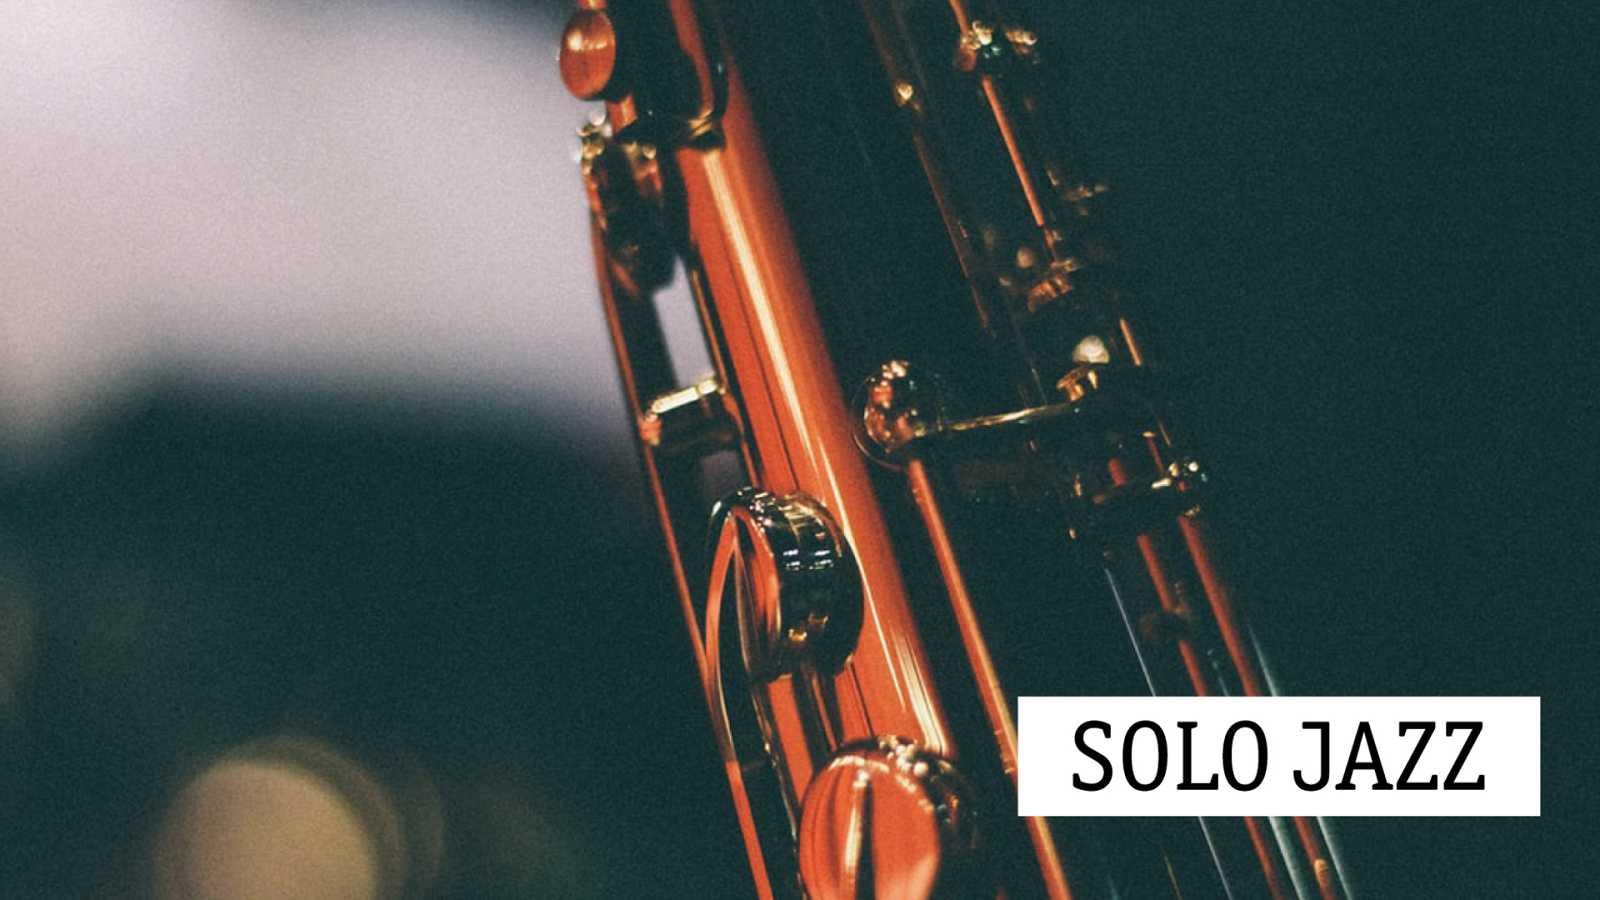 Solo jazz - Bill Evans en el Village Vanguard, 1961 (I) - 22/05/20 - escuchar ahora